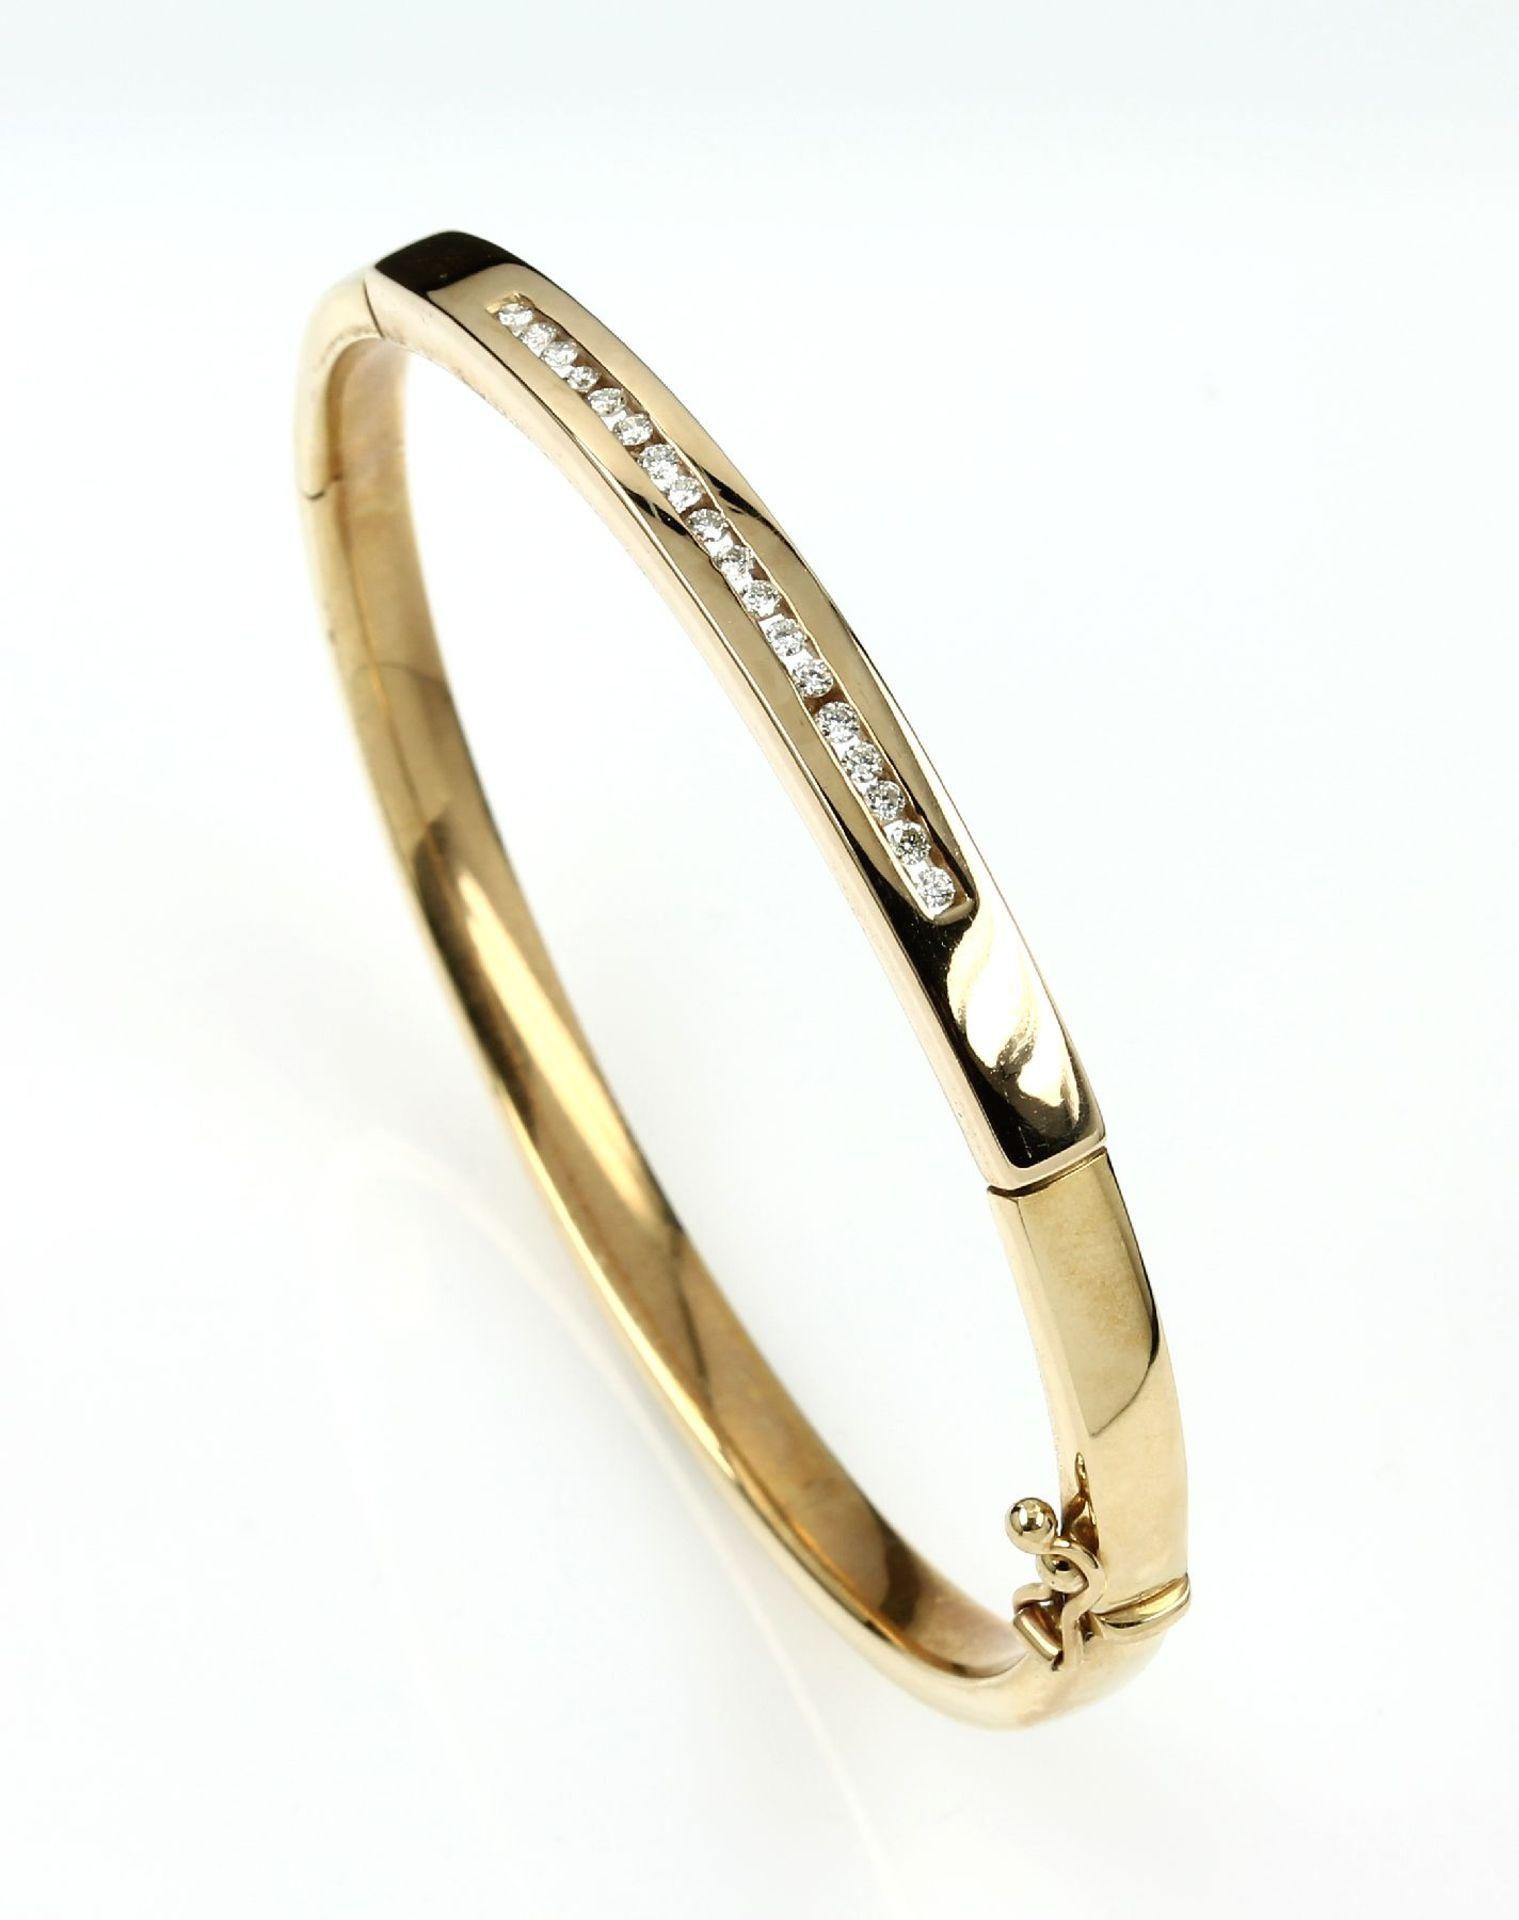 14 kt Gold Armreif mit Brillanten, GG 585/000, 18 Brillanten zus. ca. 0.25 ct Weiß-l.get.Weiß/si,